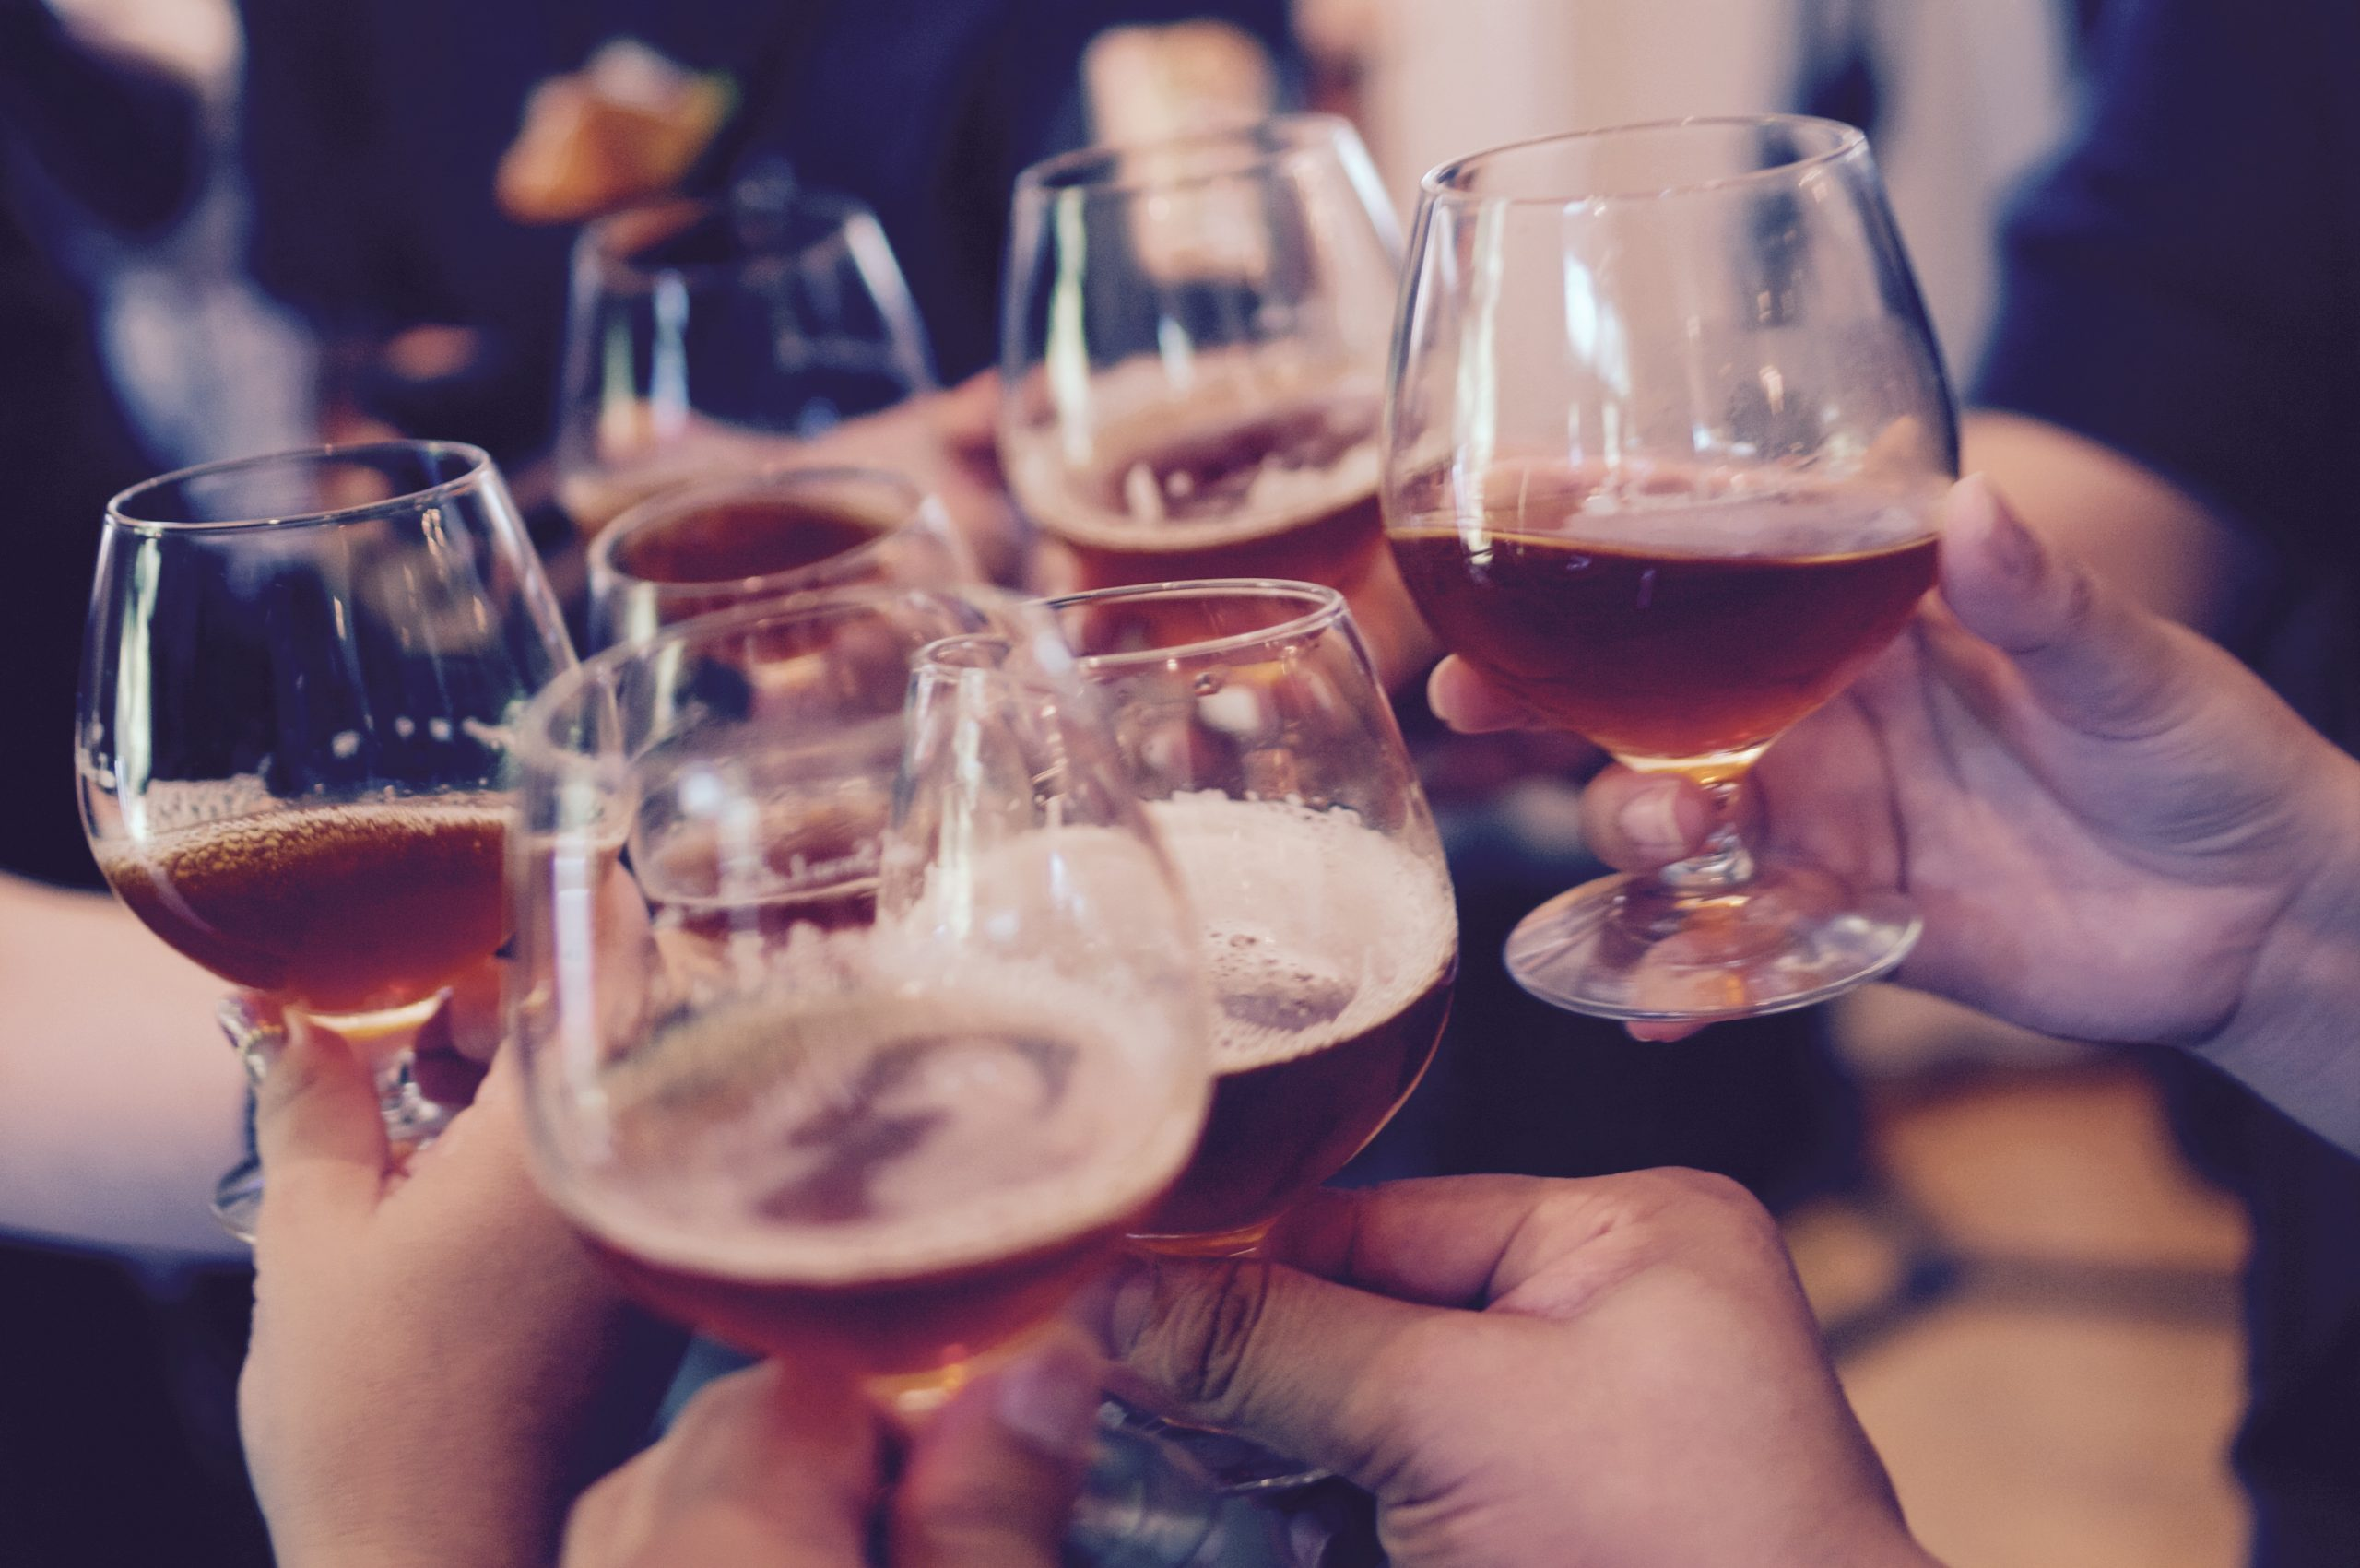 âge légal pour servir de l'alcool